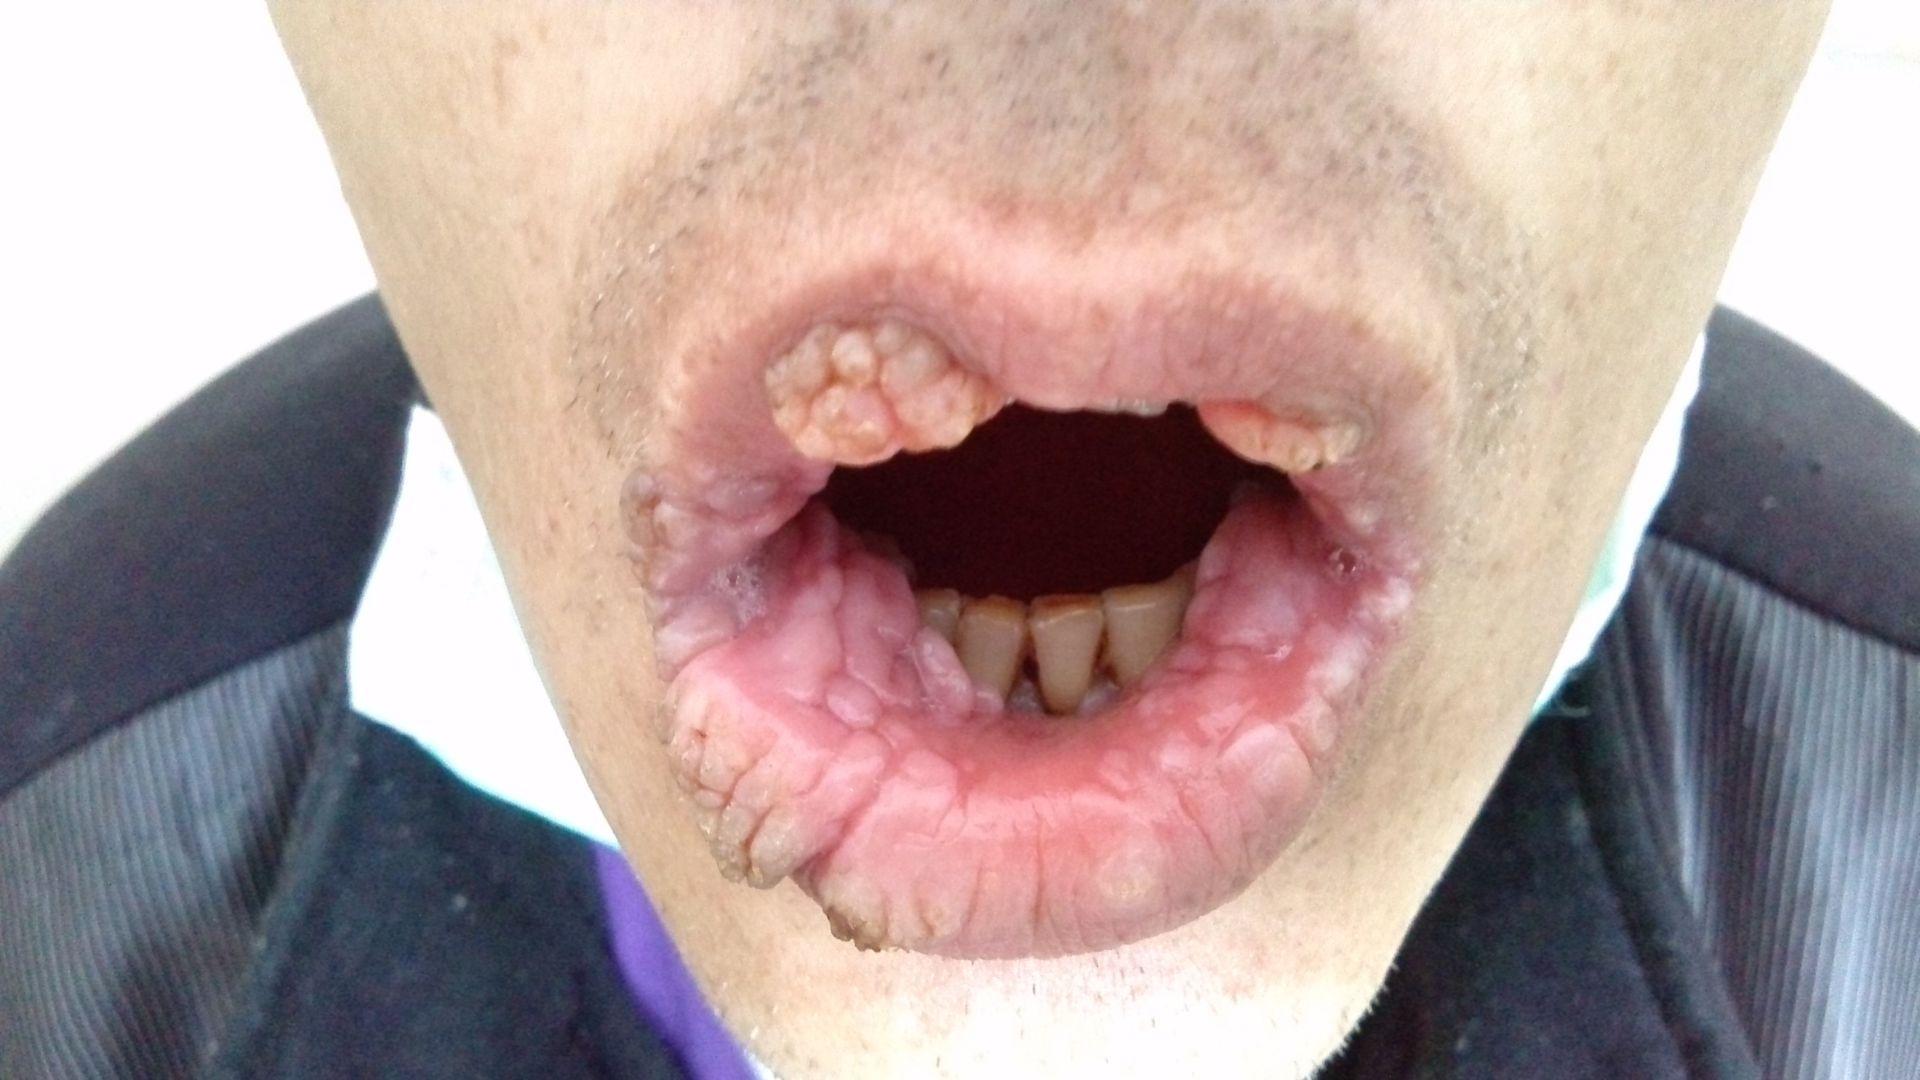 Papillomatous Lesions